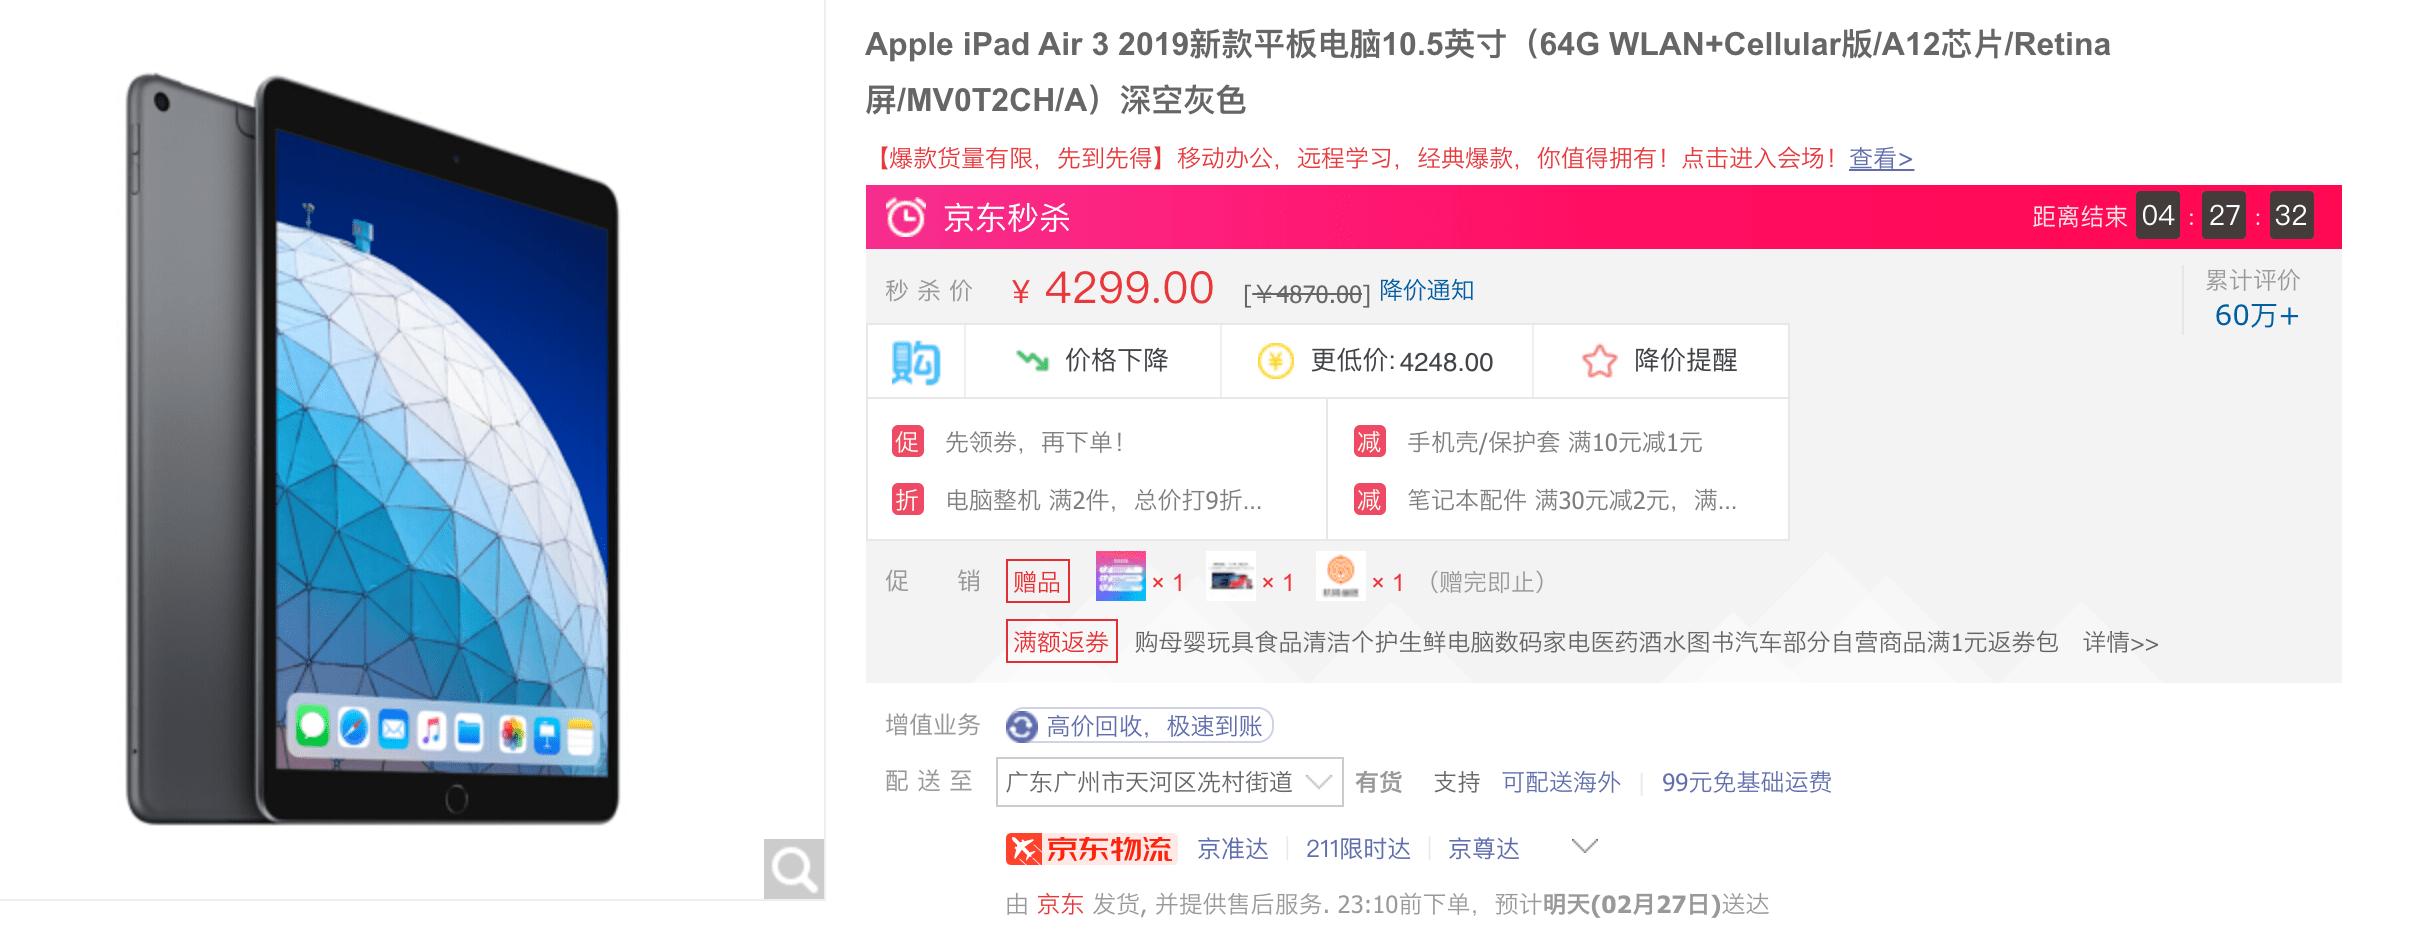 苹果官翻产品到底有多少坑?售后缩水还不是全部